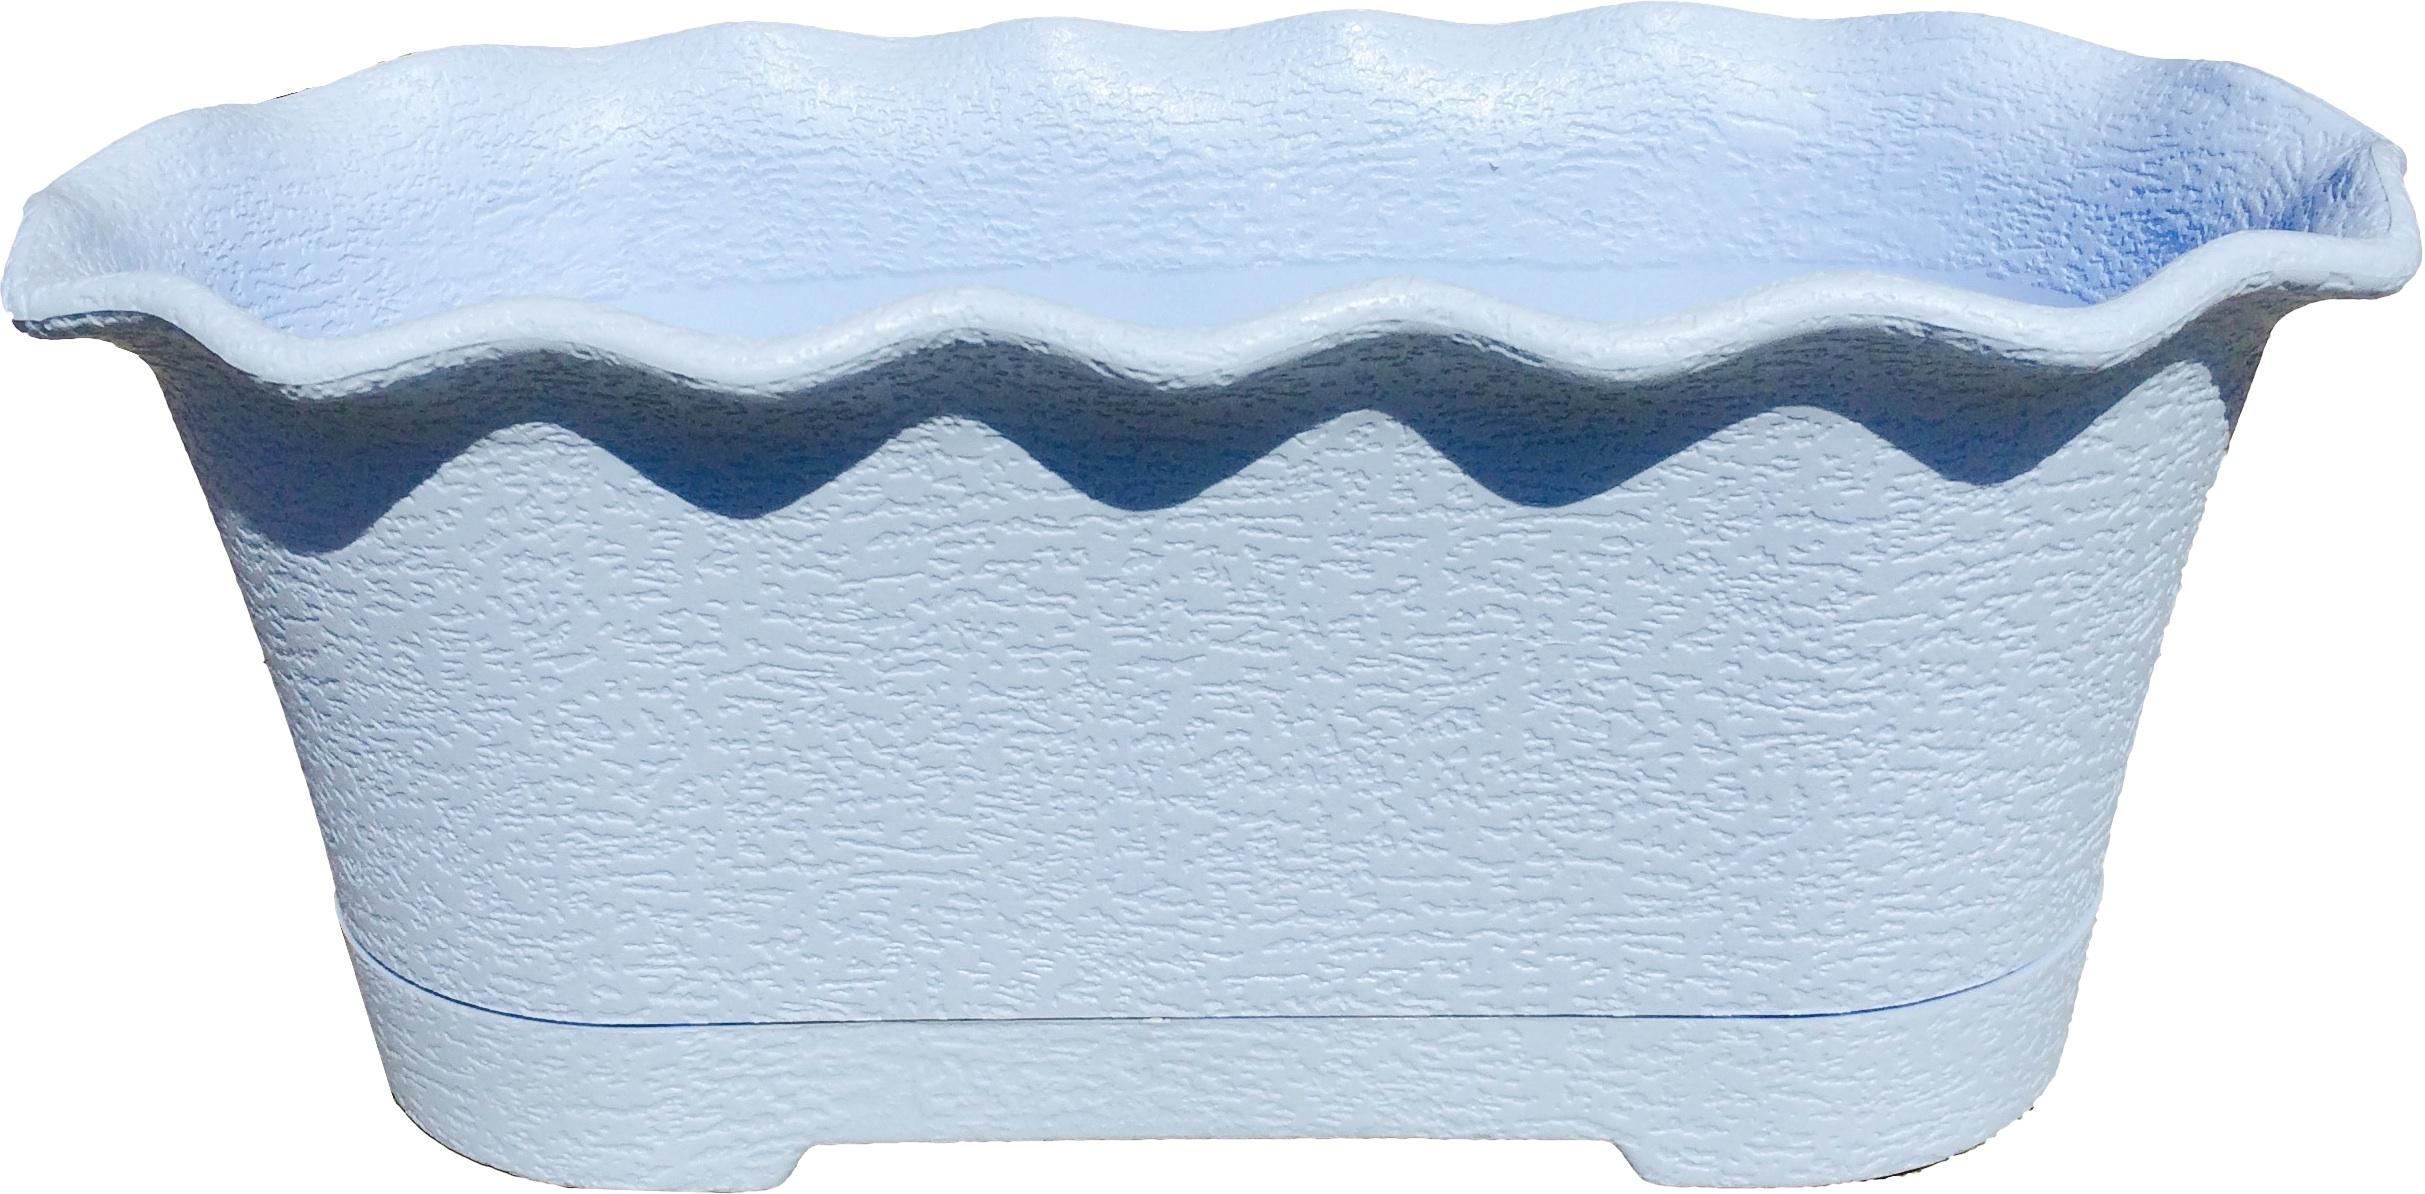 Горшок для цветов балконный La Fleur 40 см светло-синий по цене 221